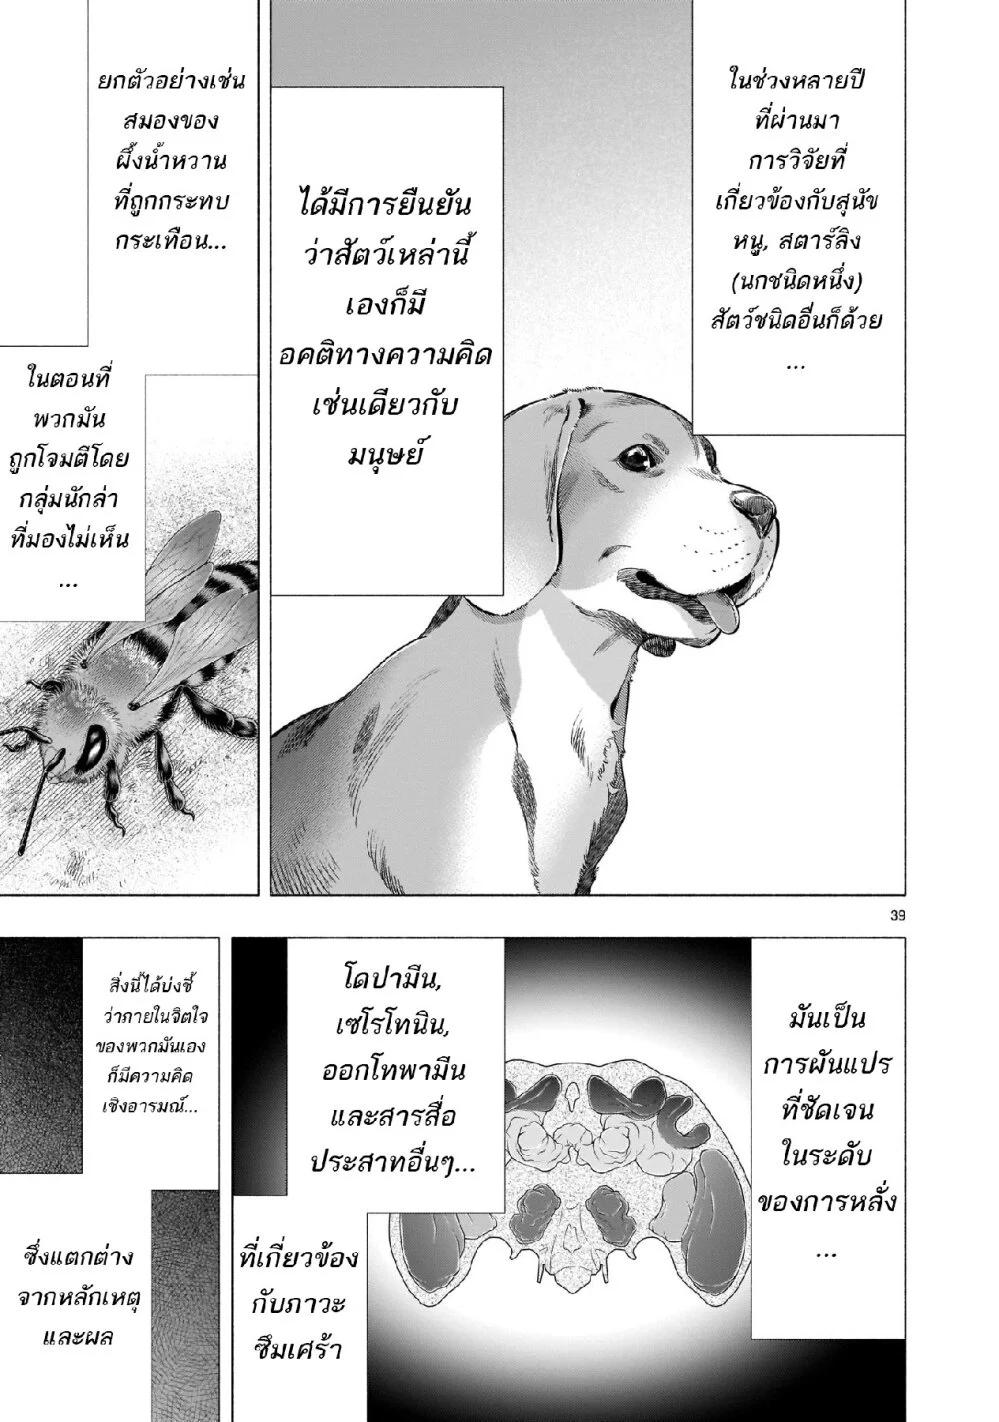 อ่านการ์ตูน Himenospia ตอนที่ 40 หน้าที่ 36